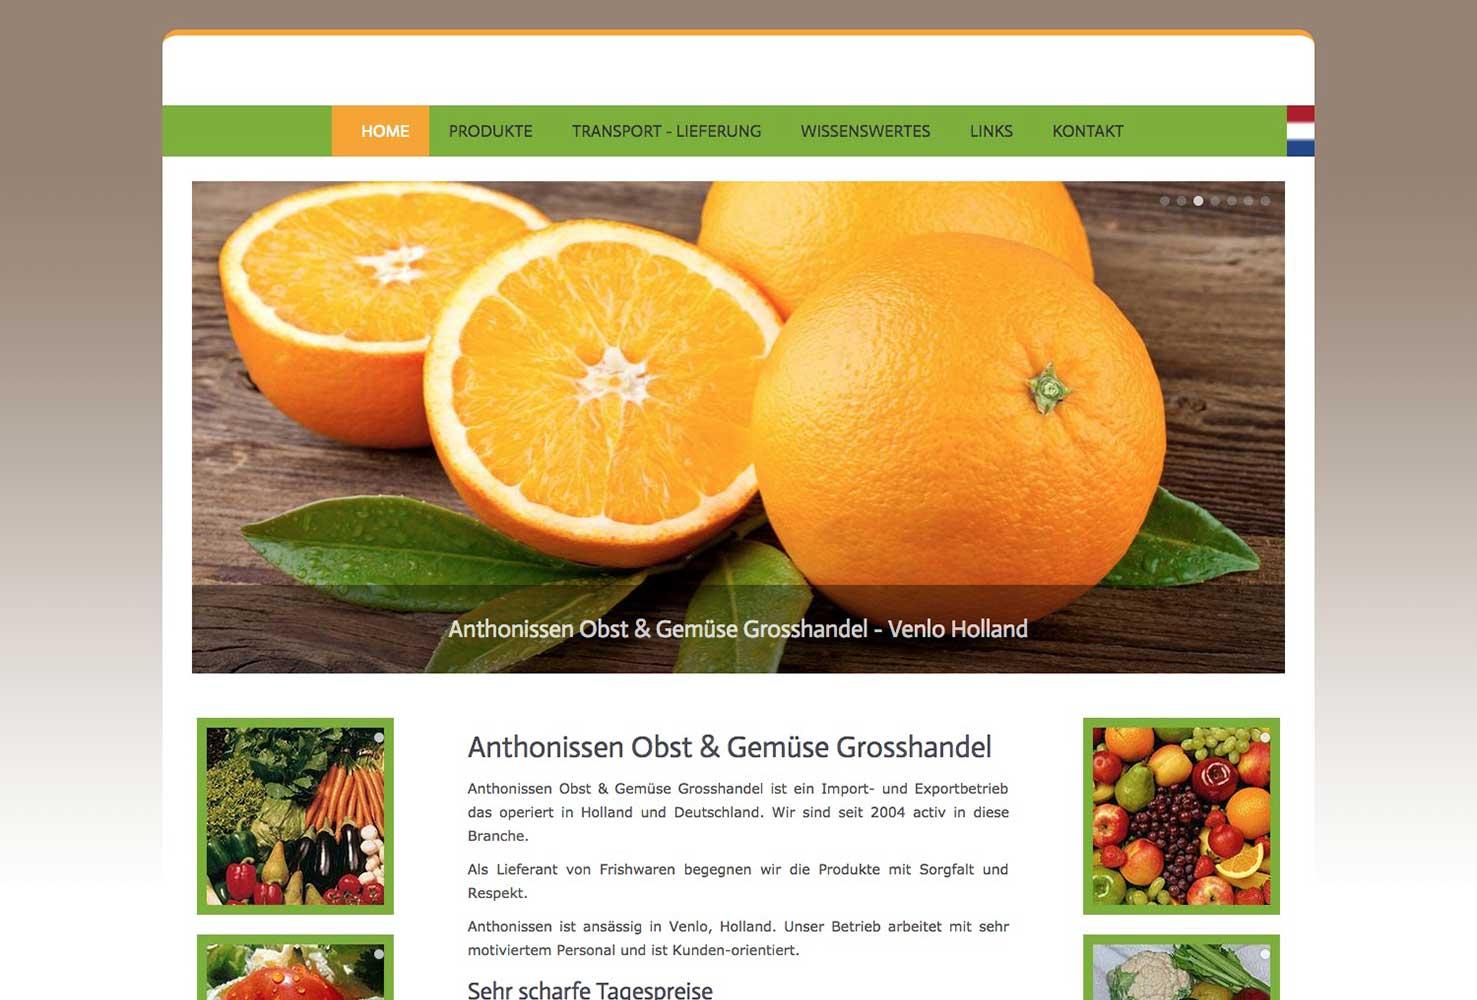 Anthonissen Obst & Gemüse